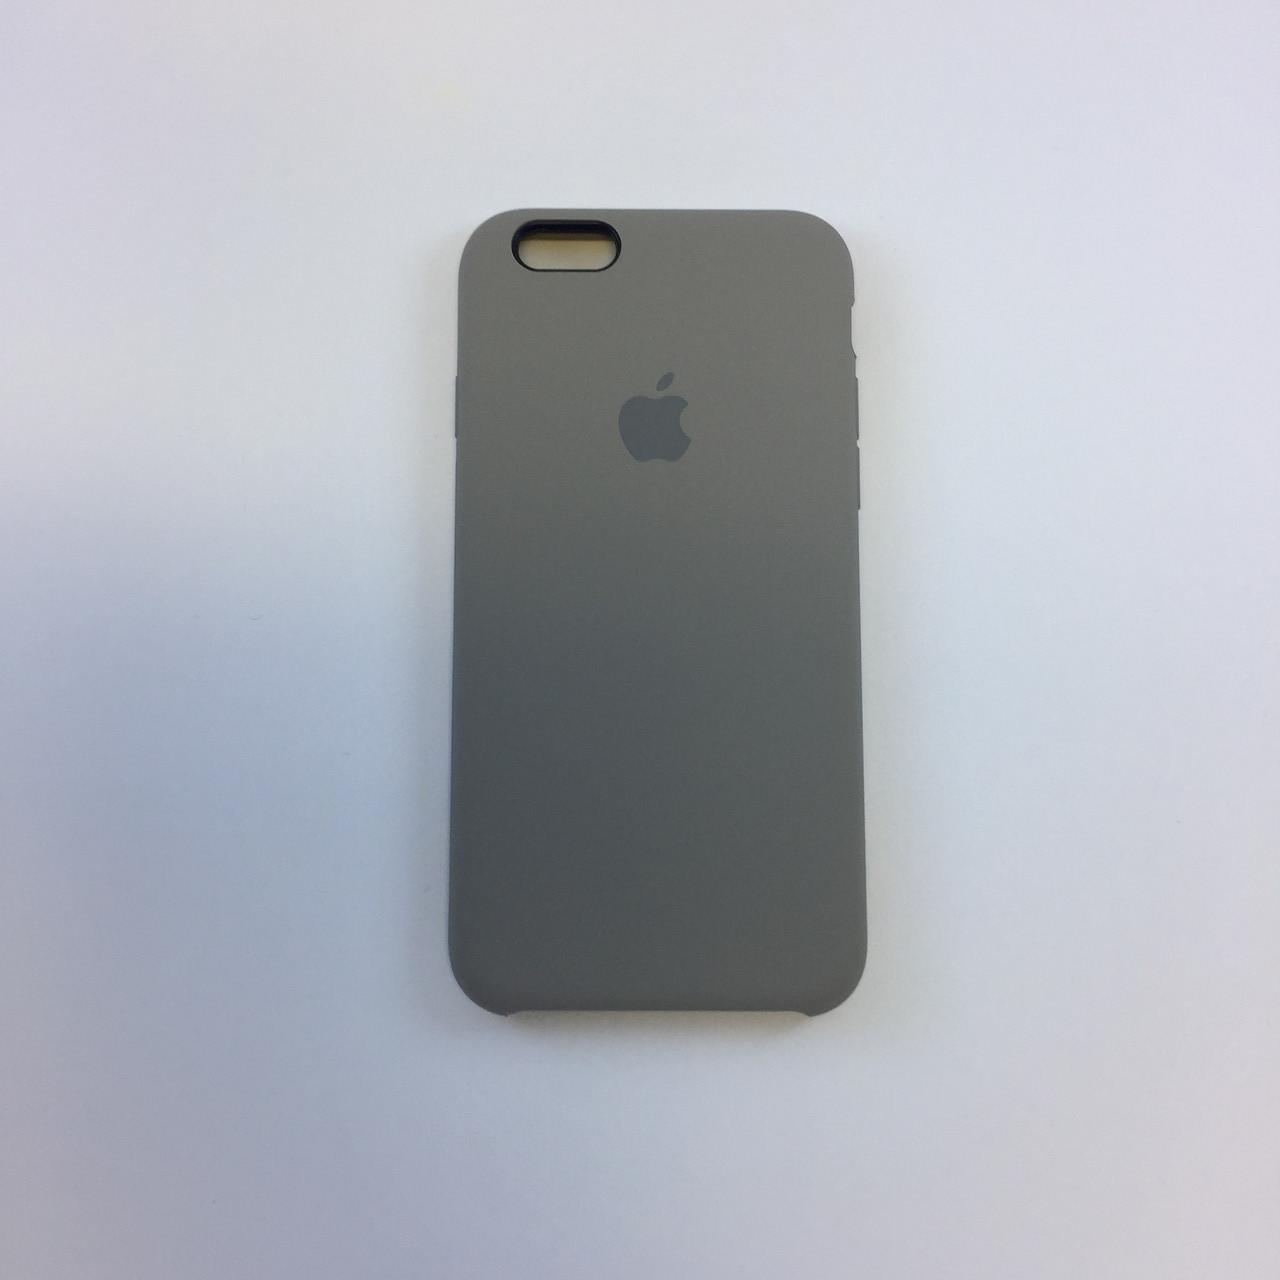 Силиконовый чехол для iPhone 6/6s, - «темная олива» - copy original